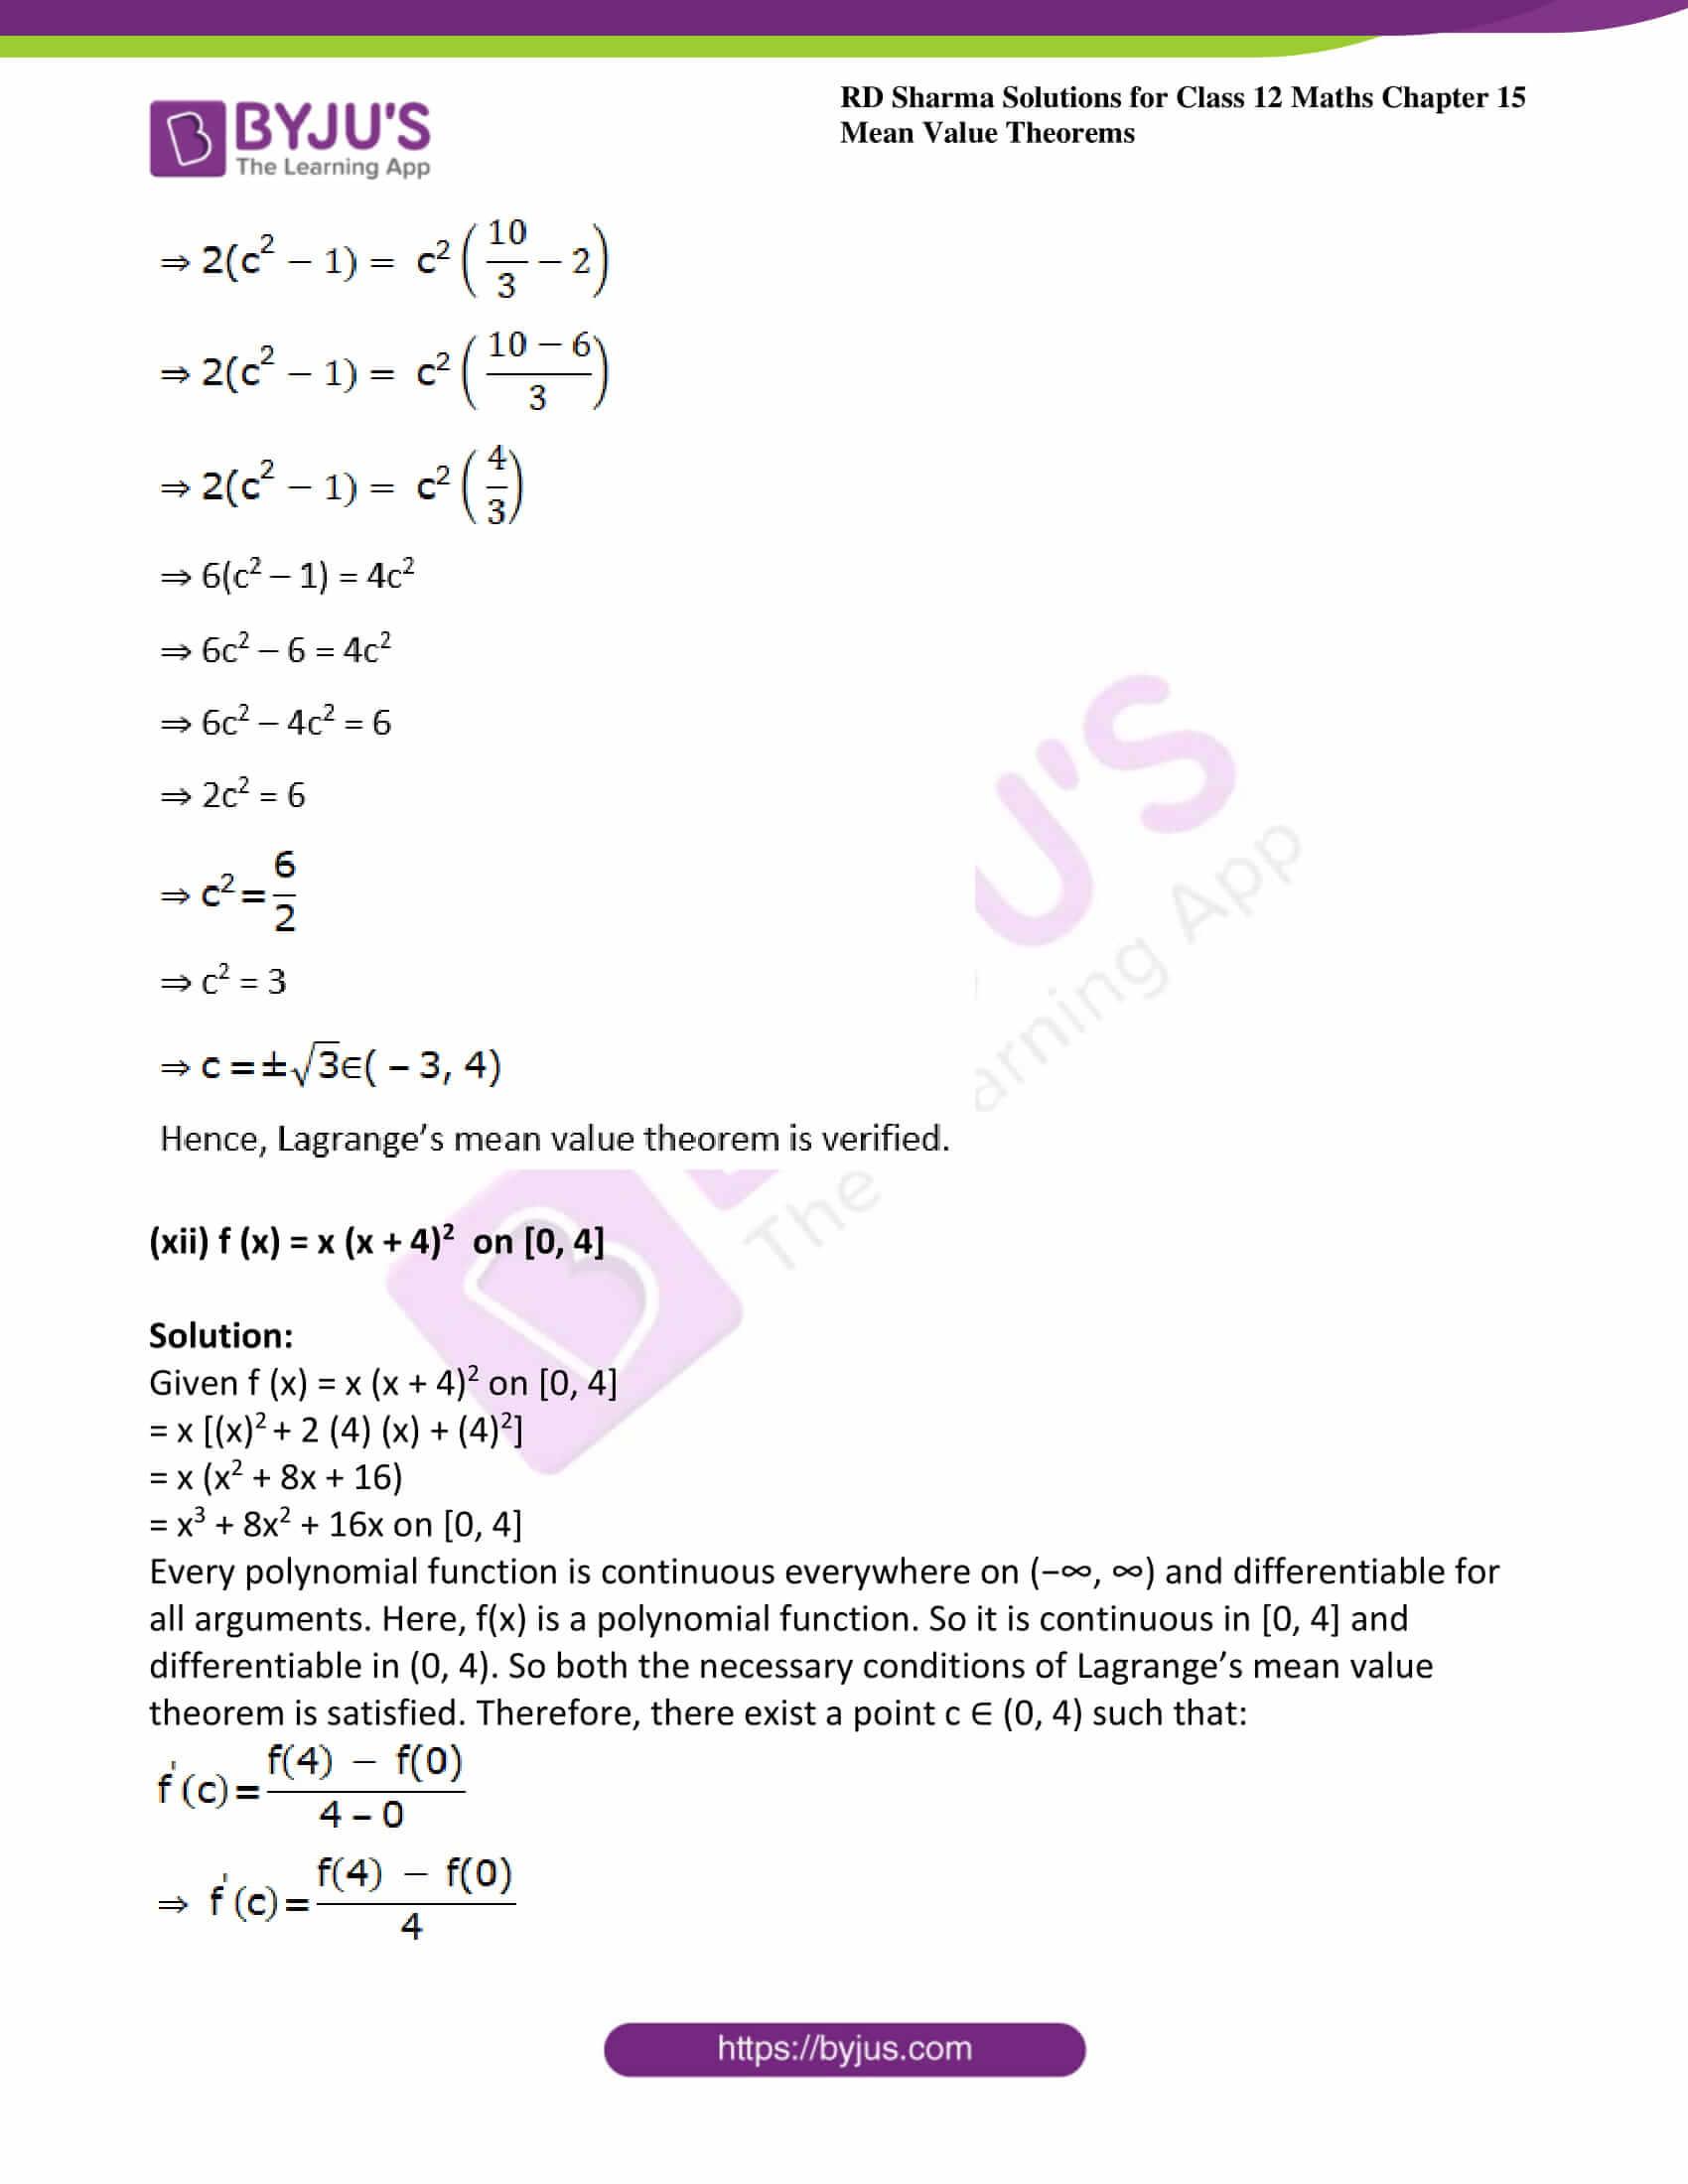 rd sharma class 12 maths solutions chapter 15 ex 2 17